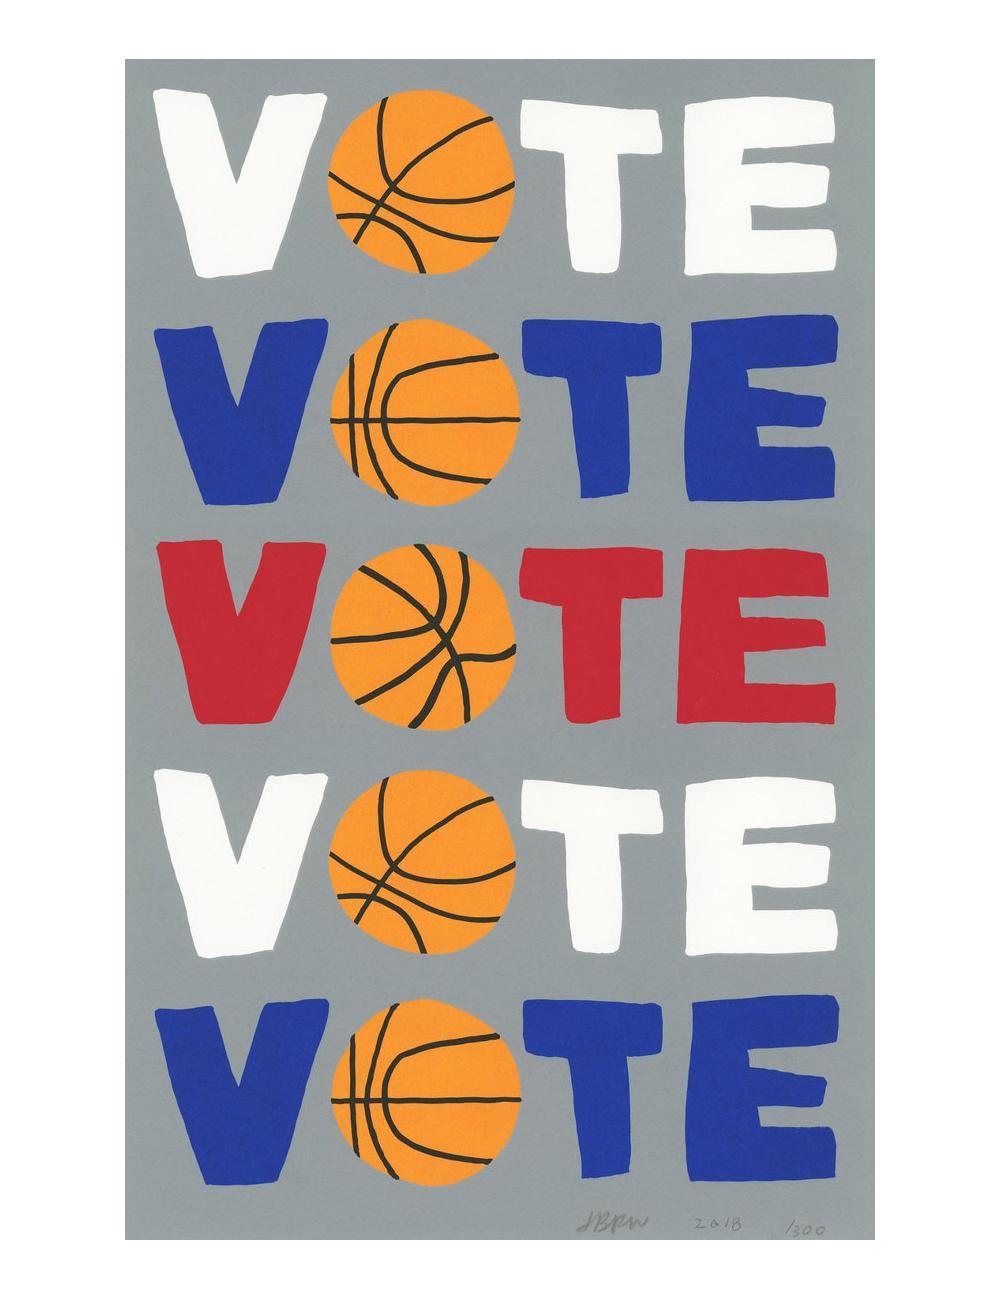 VOTE by Jonas Wood